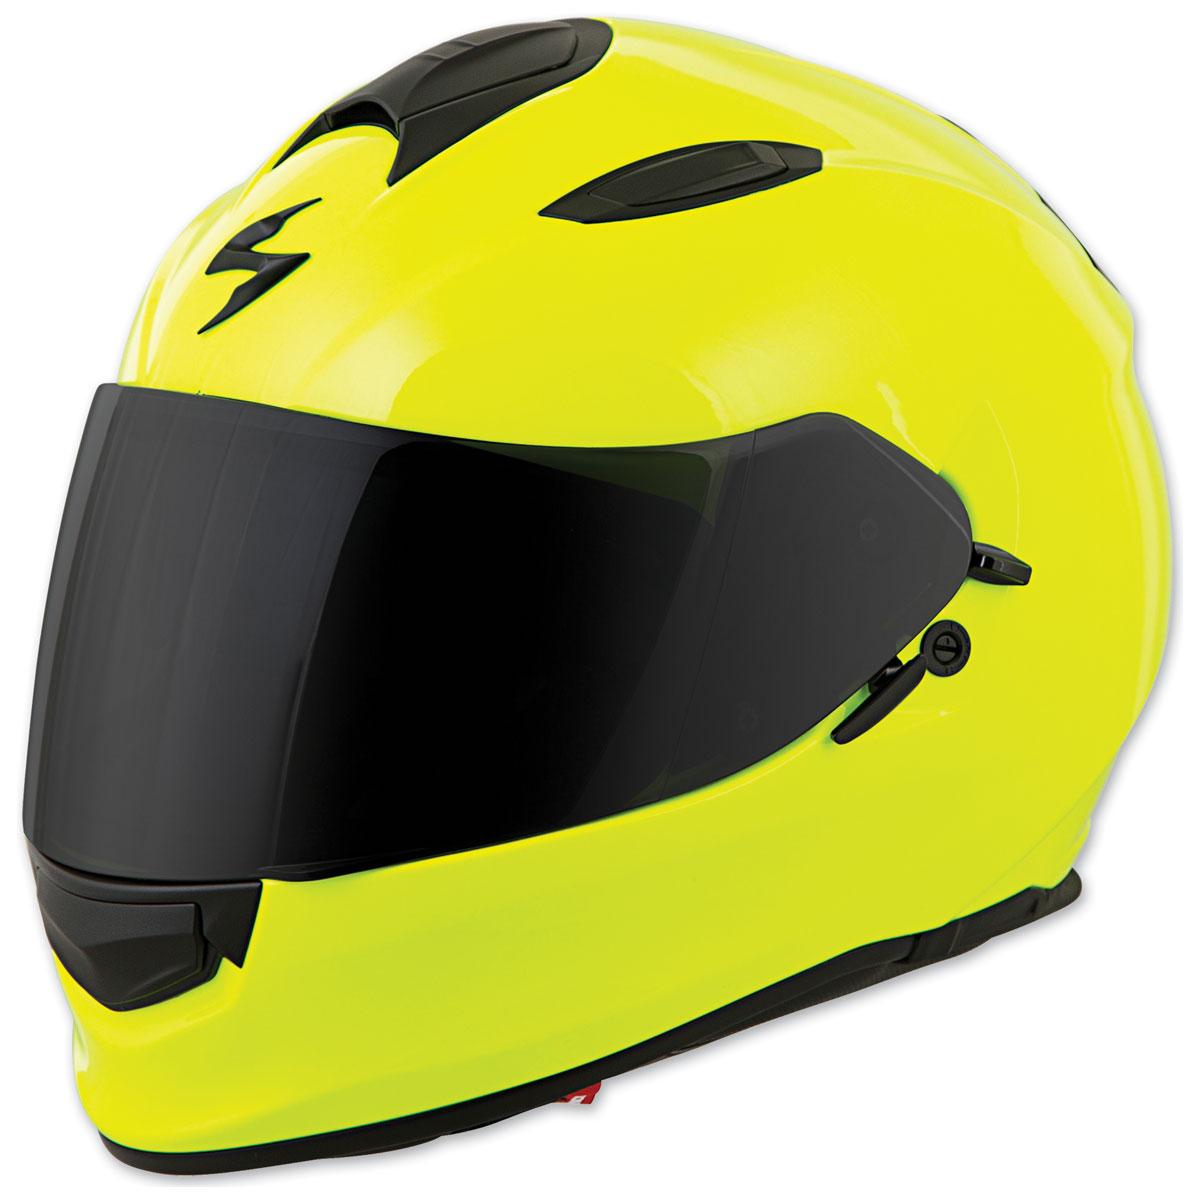 Scorpion EXO EXO-T510 Solid Neon Full Face Helmet